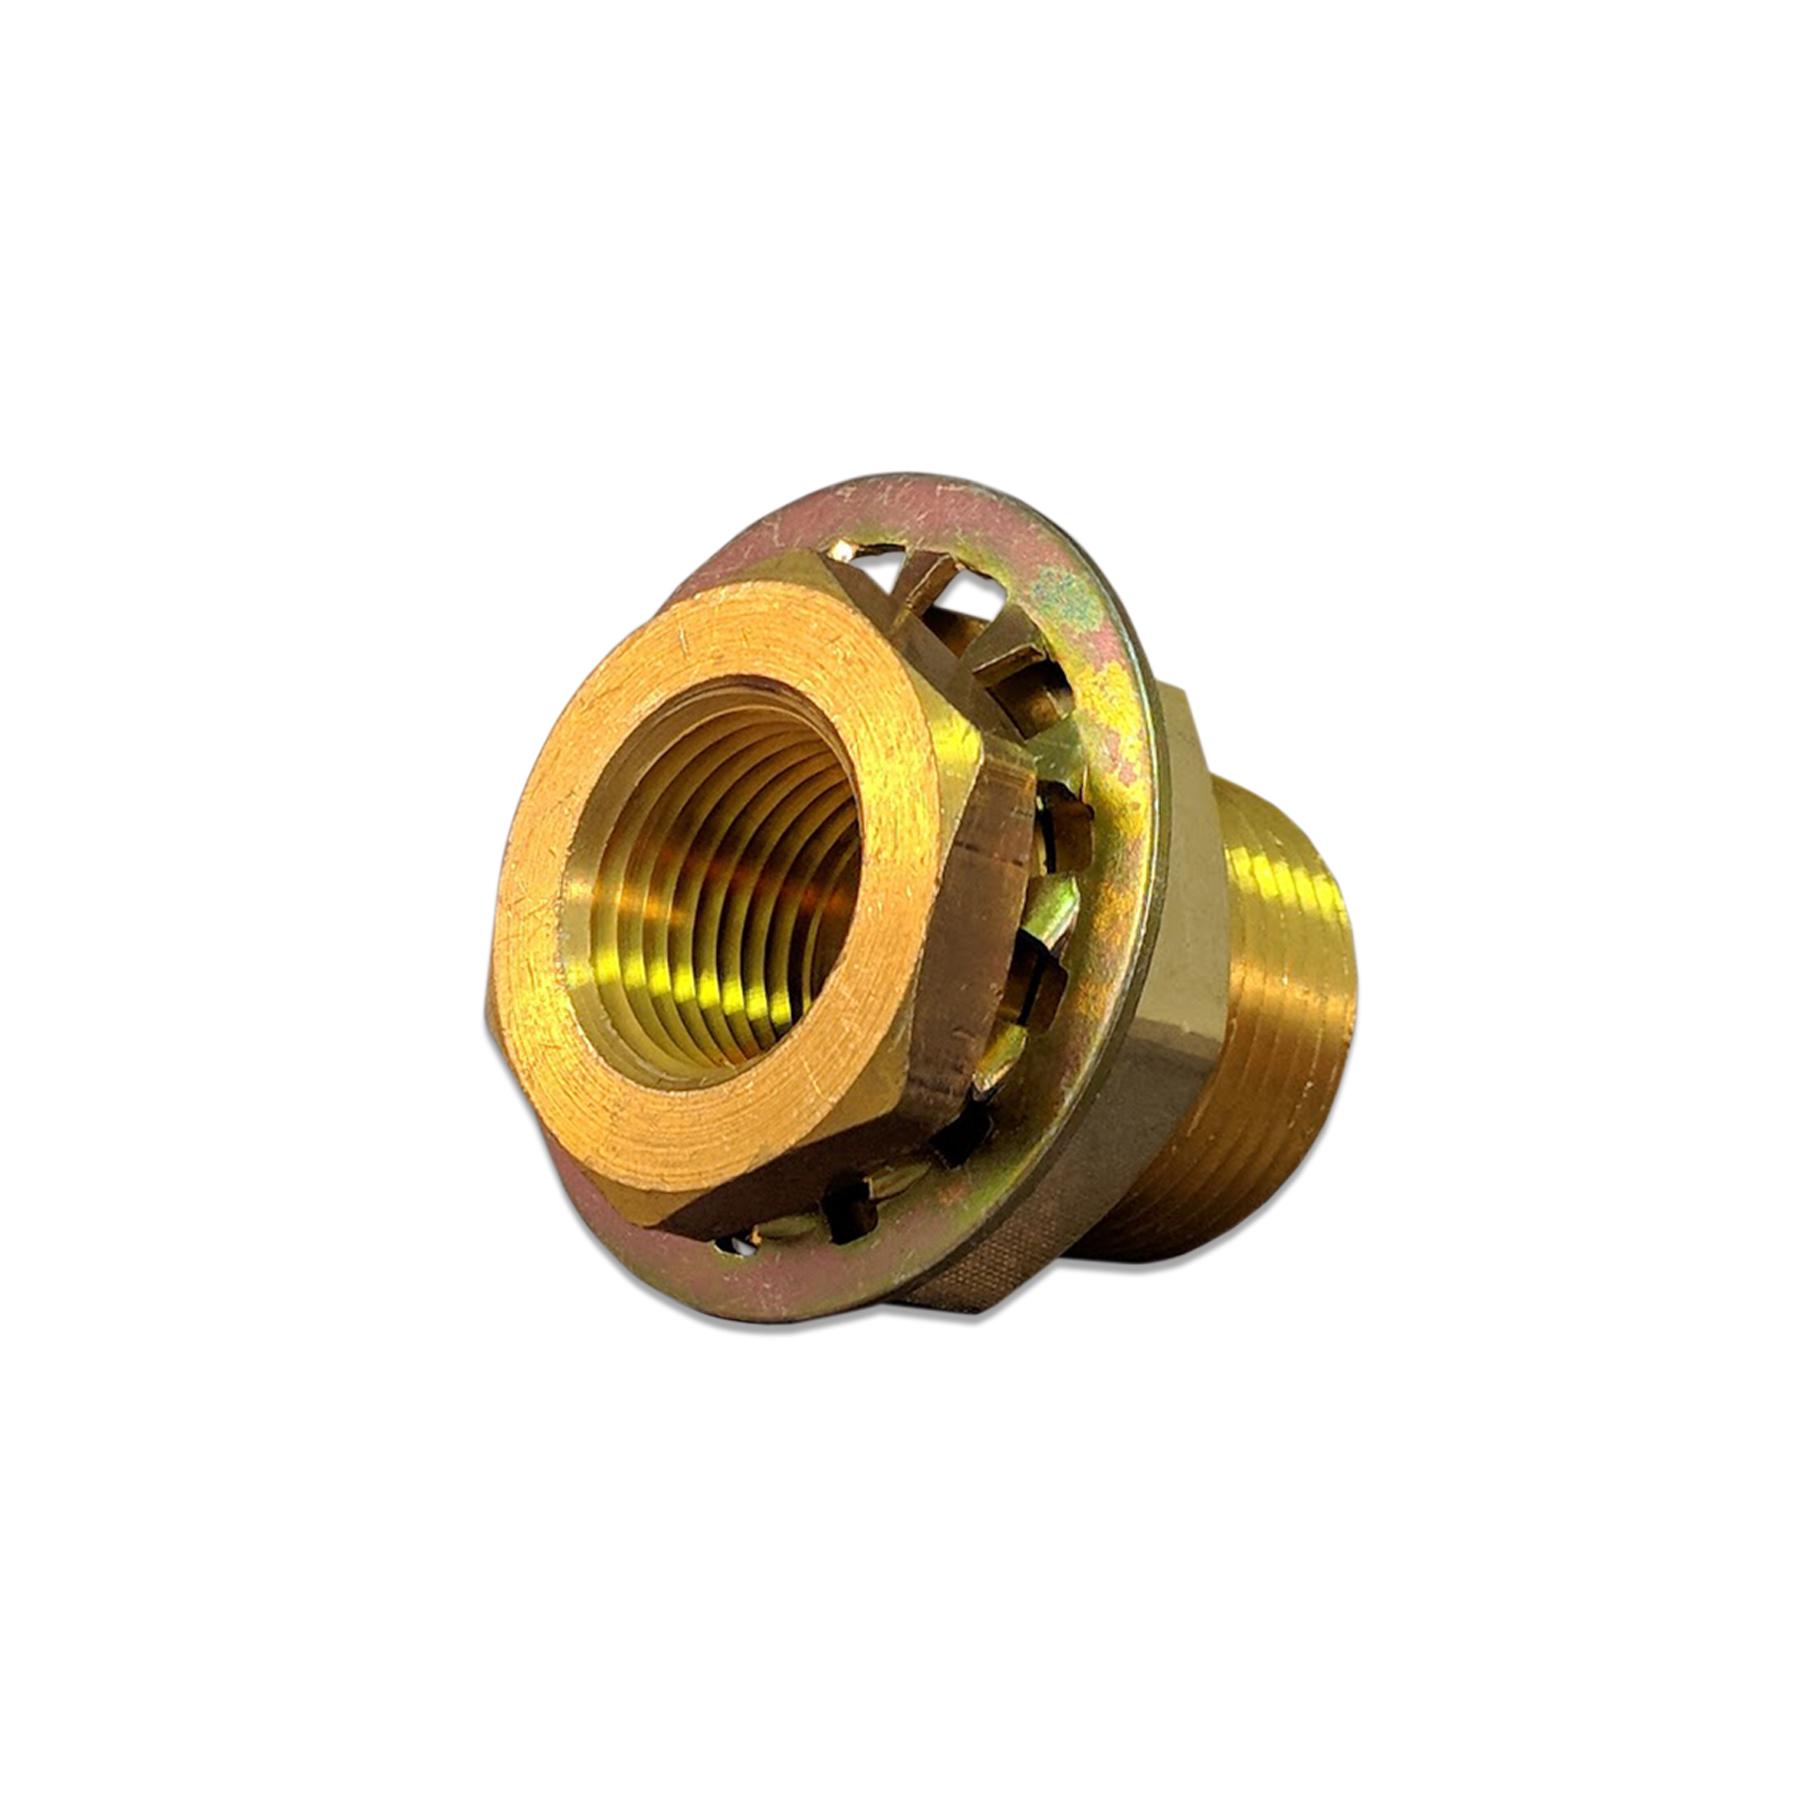 Brass Bulkhead Fitting 1/2 x 1/2 (F) NPT